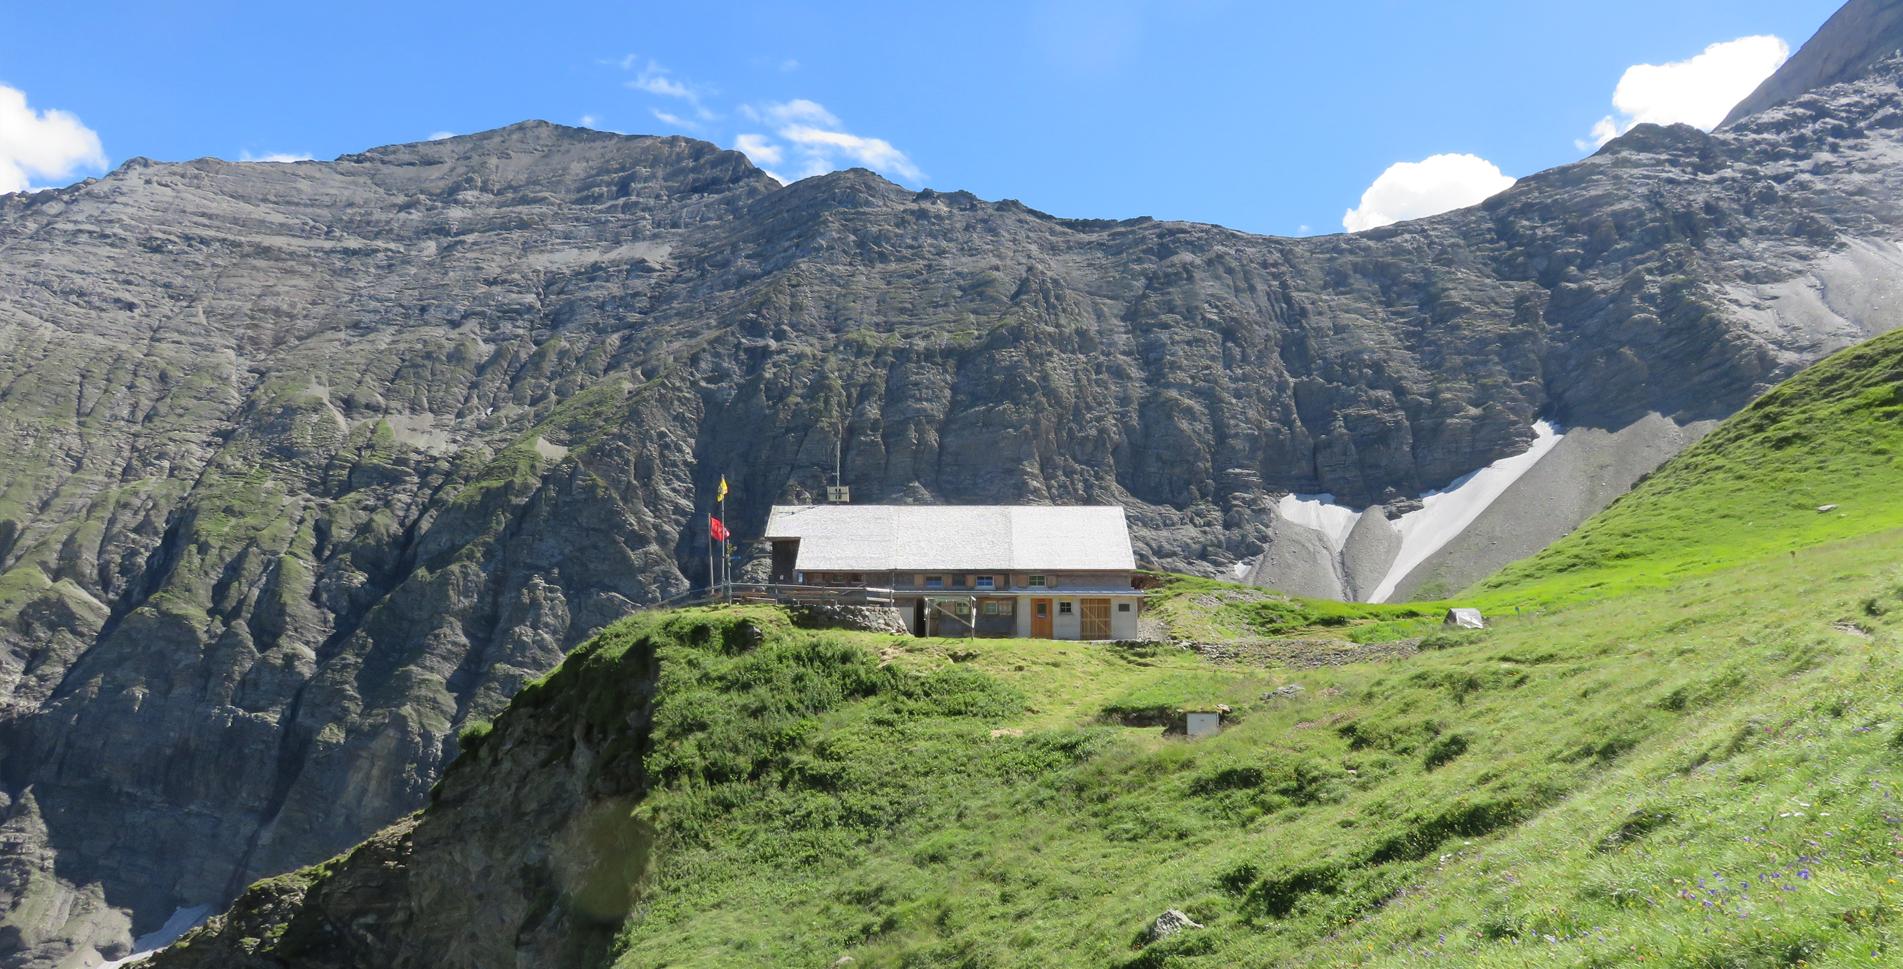 Rundanderung mitten ins Unesco Welterbe Tektonikarena Sardona von Gigerwald zur Sardonahütte